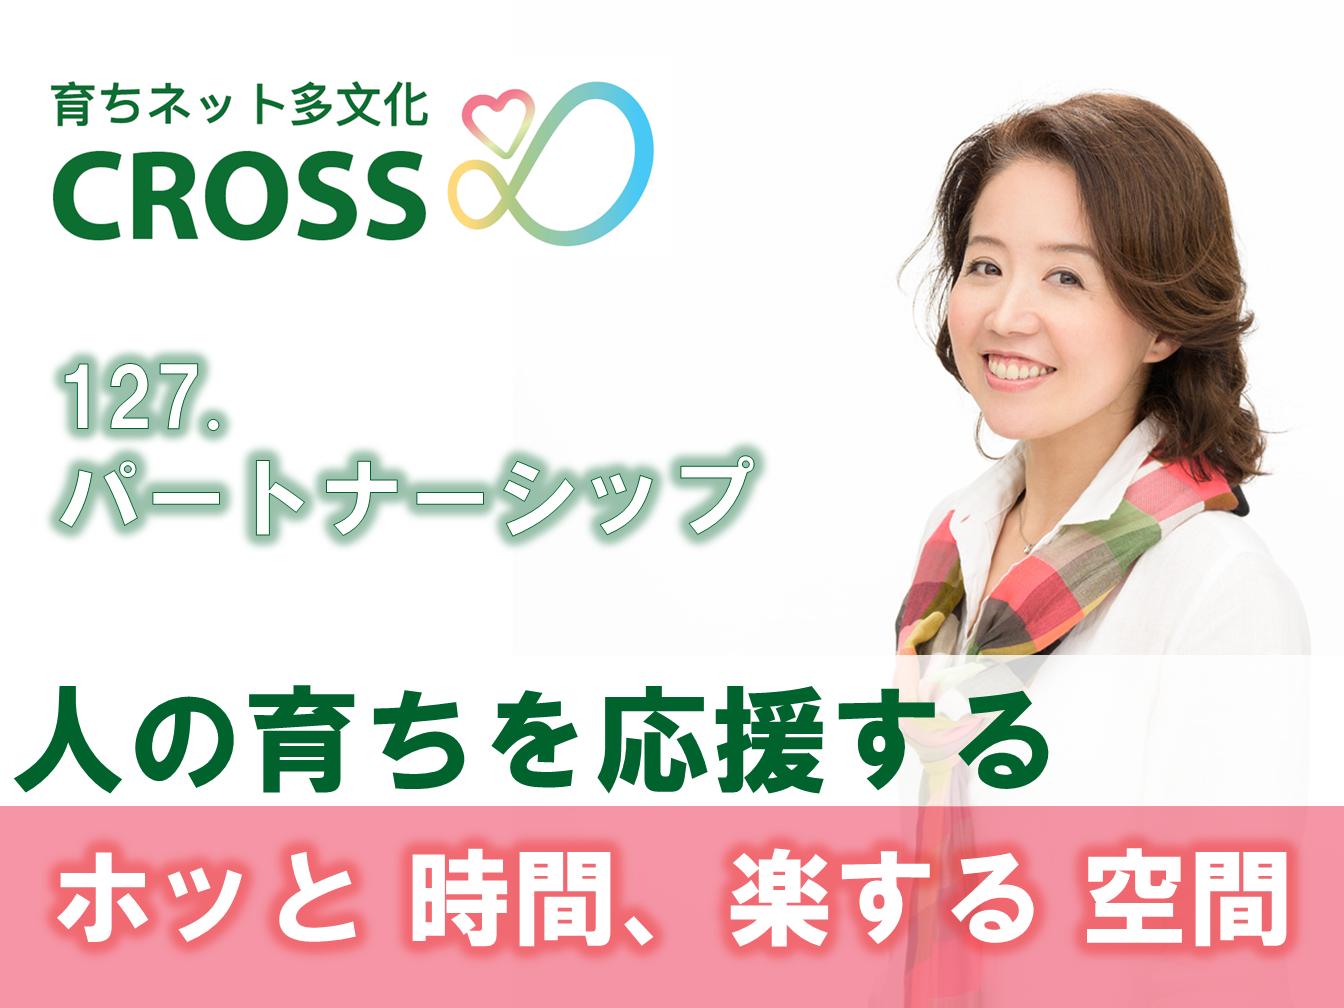 東京港区|育ちネット多文化CROSS